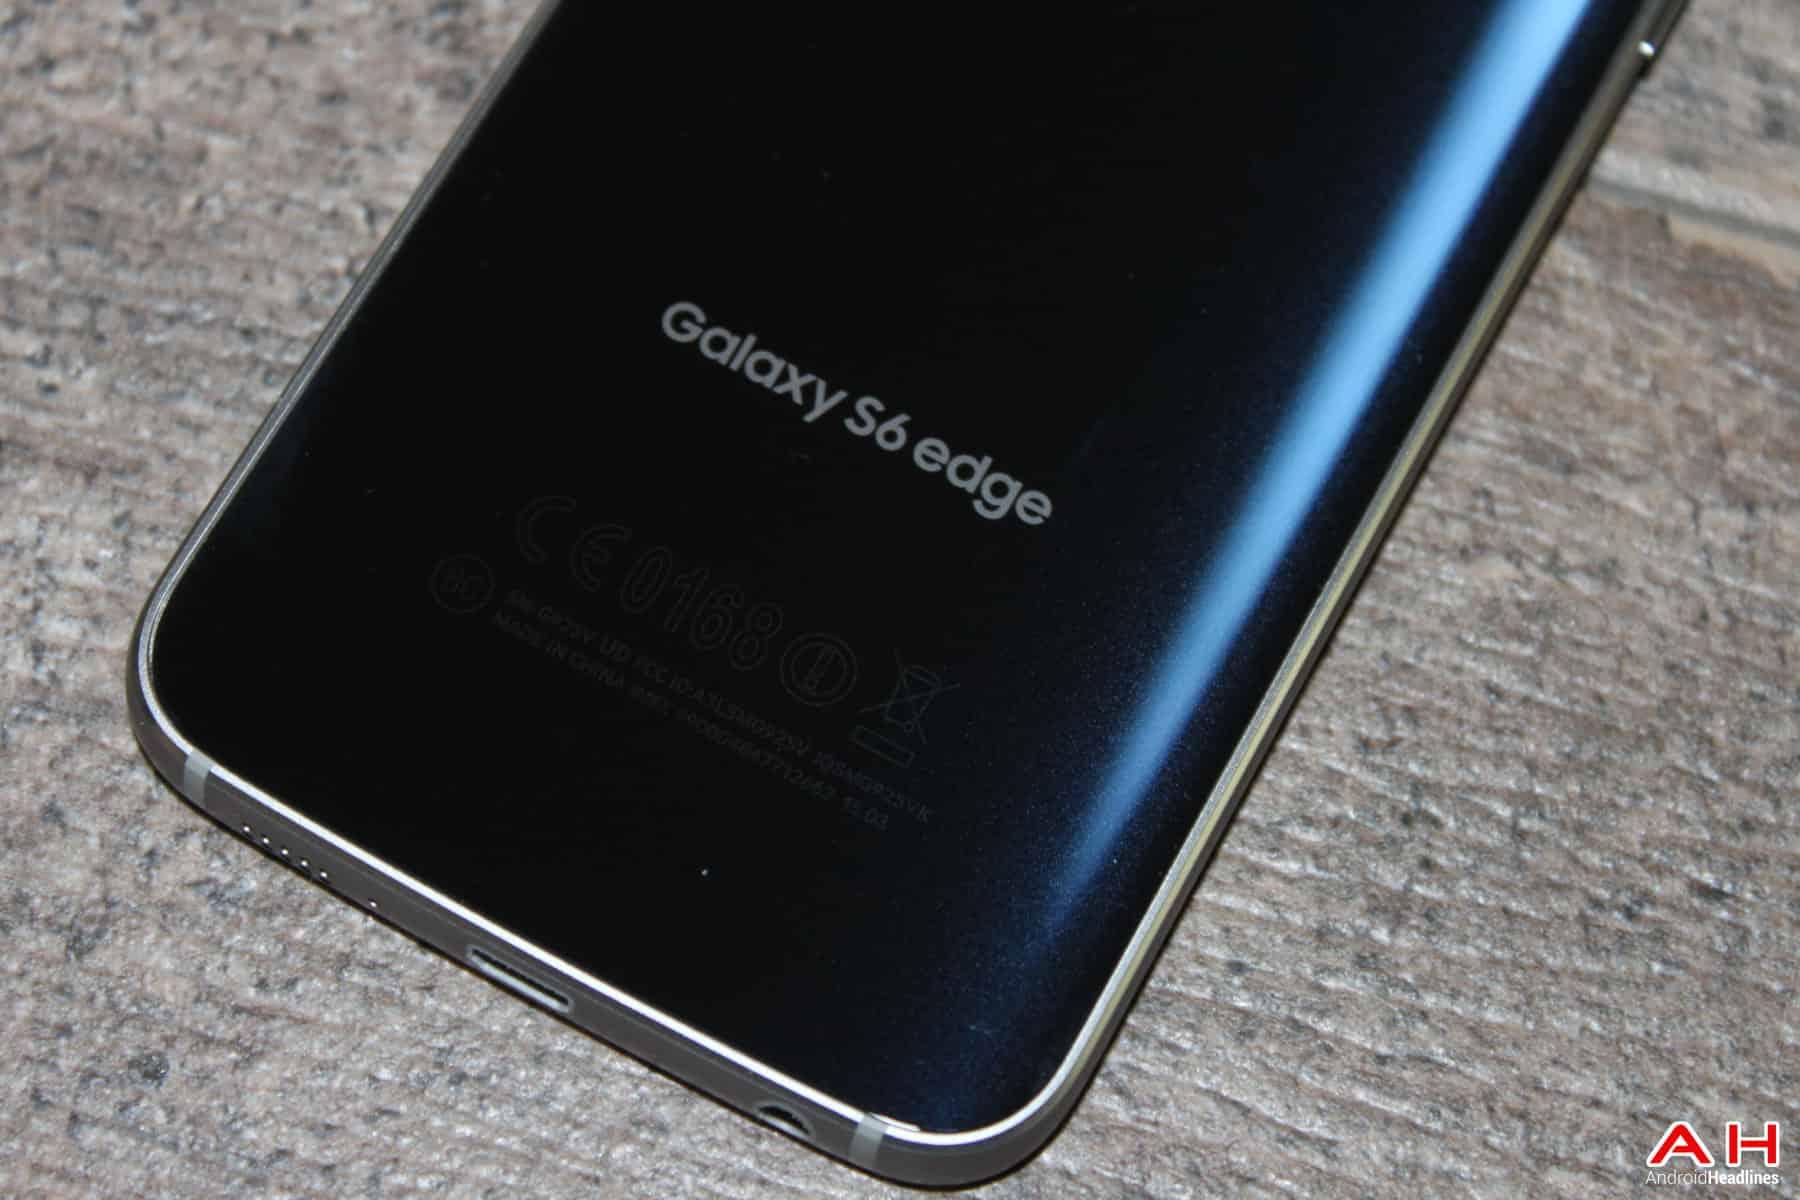 AH Samsung Galaxy S6 Edge Series 4 June 30th-1